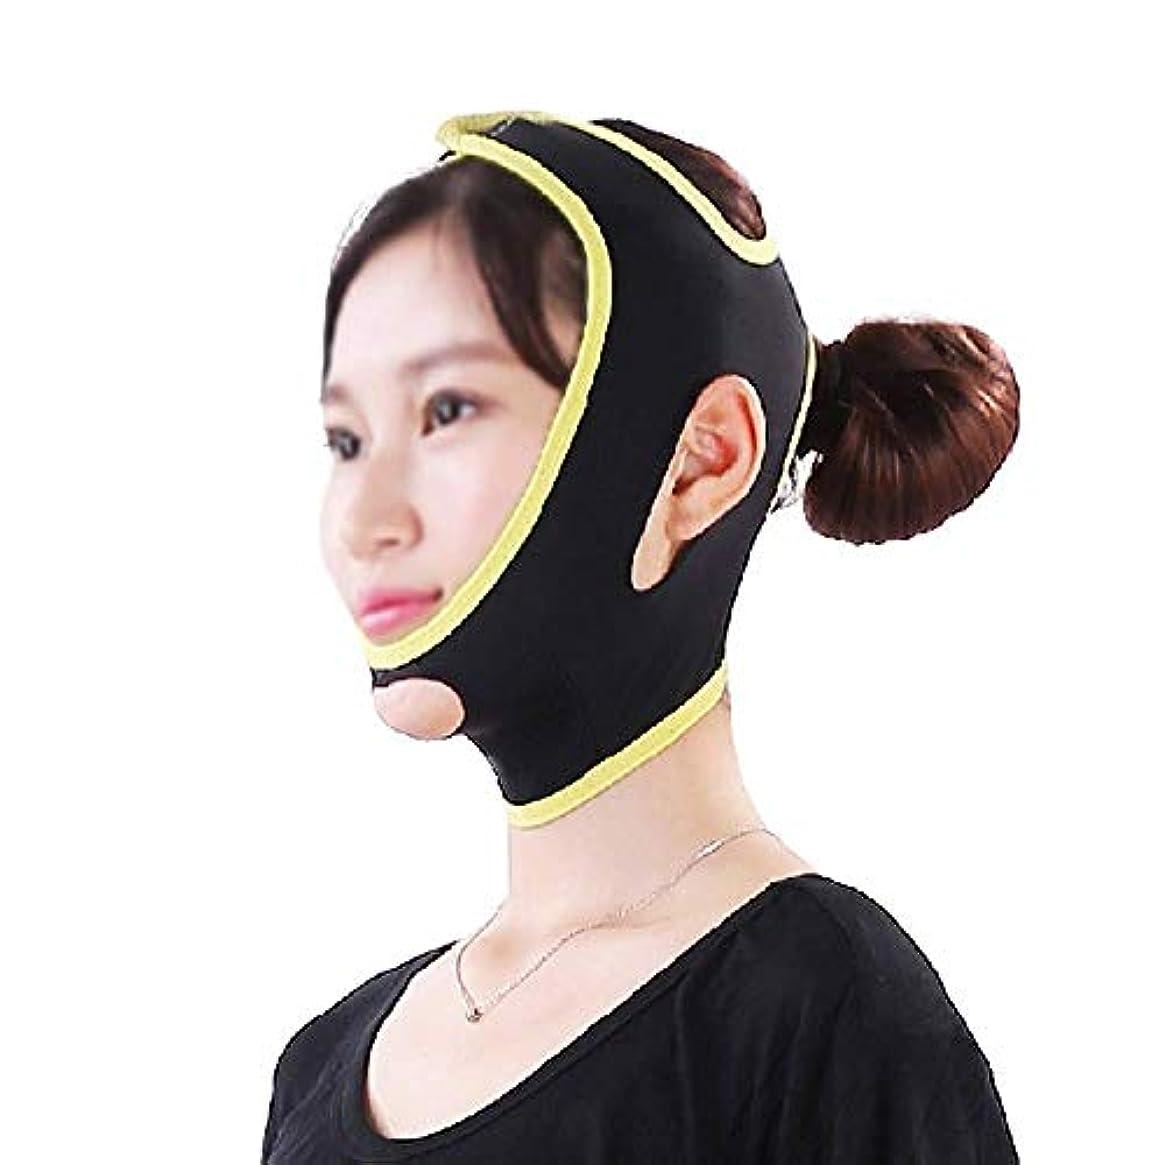 クリーナー迅速ペースフェイスアンドネックリフト、Vフェイスマスクは顔の輪郭を強化して、顎の超弾性包帯を引き締める咬筋を緩和します(サイズ:M)